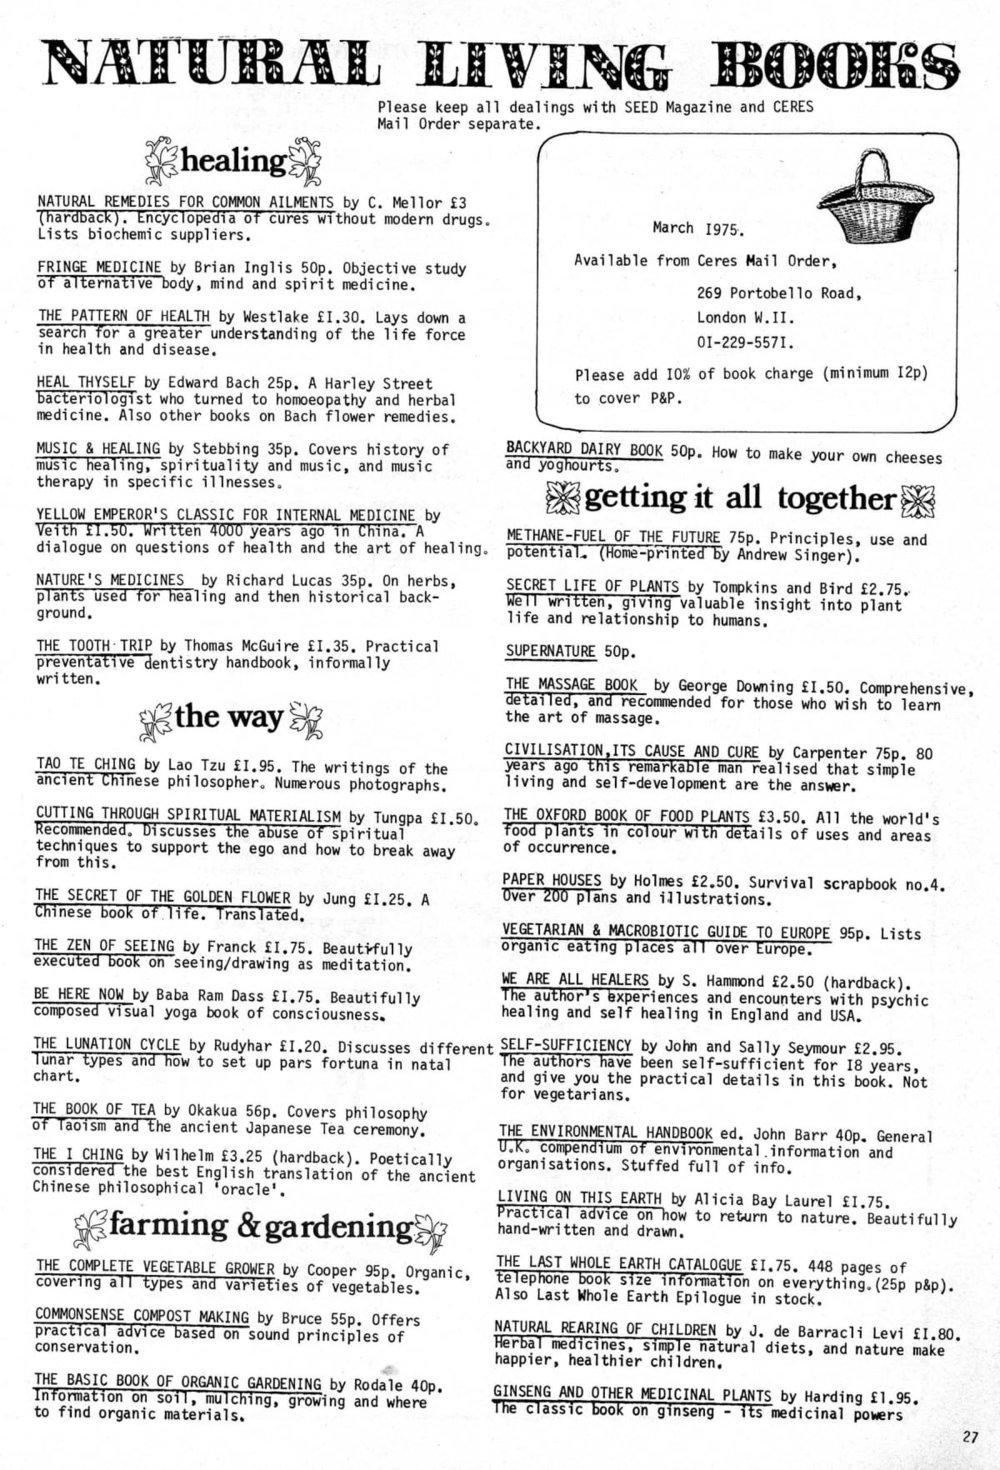 seed-v4-n3-march1975-27.jpg